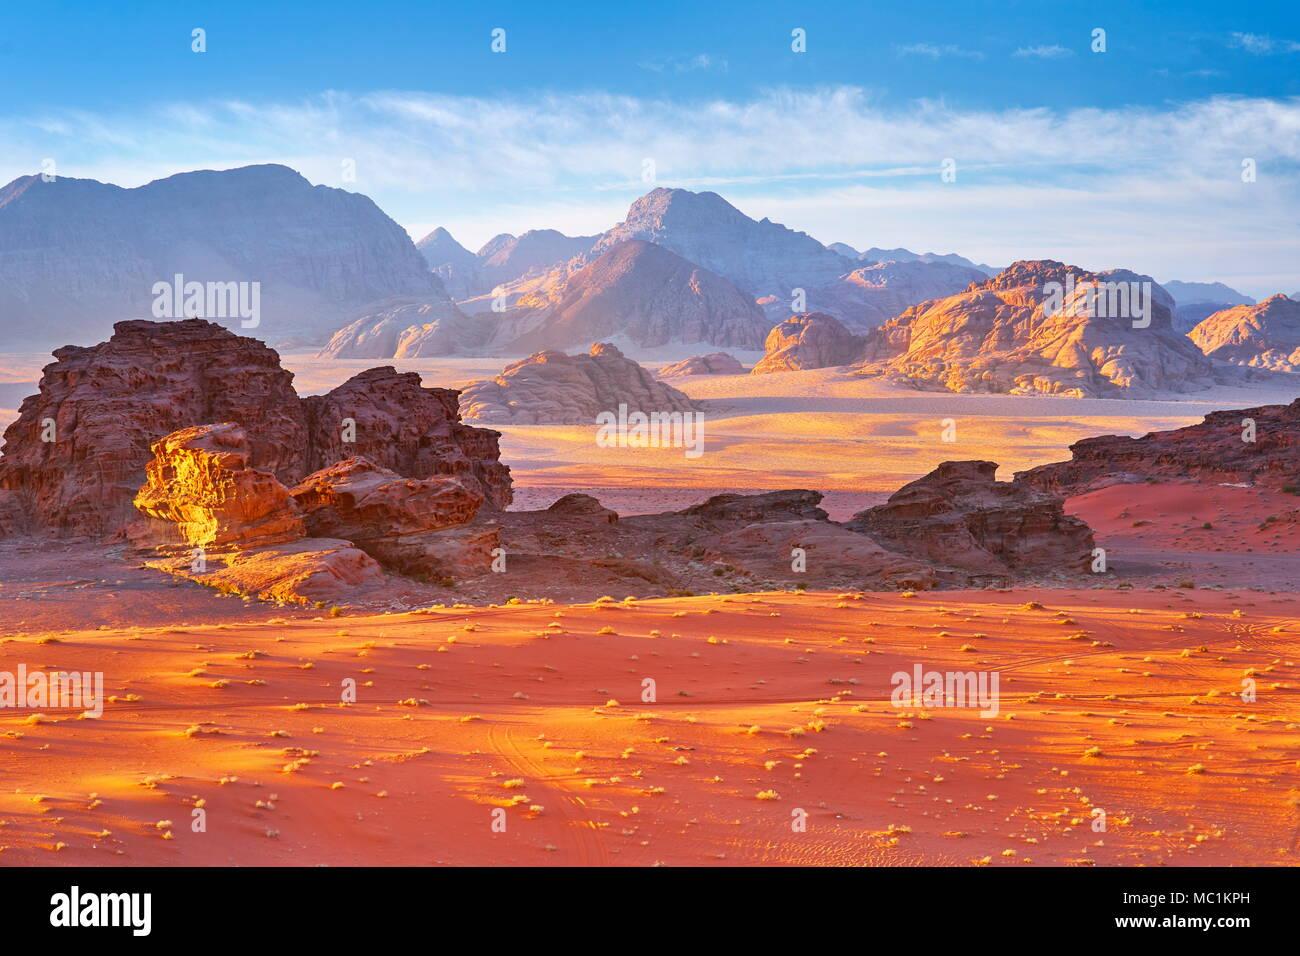 Desierto de Wadi Rum, Jordania Imagen De Stock